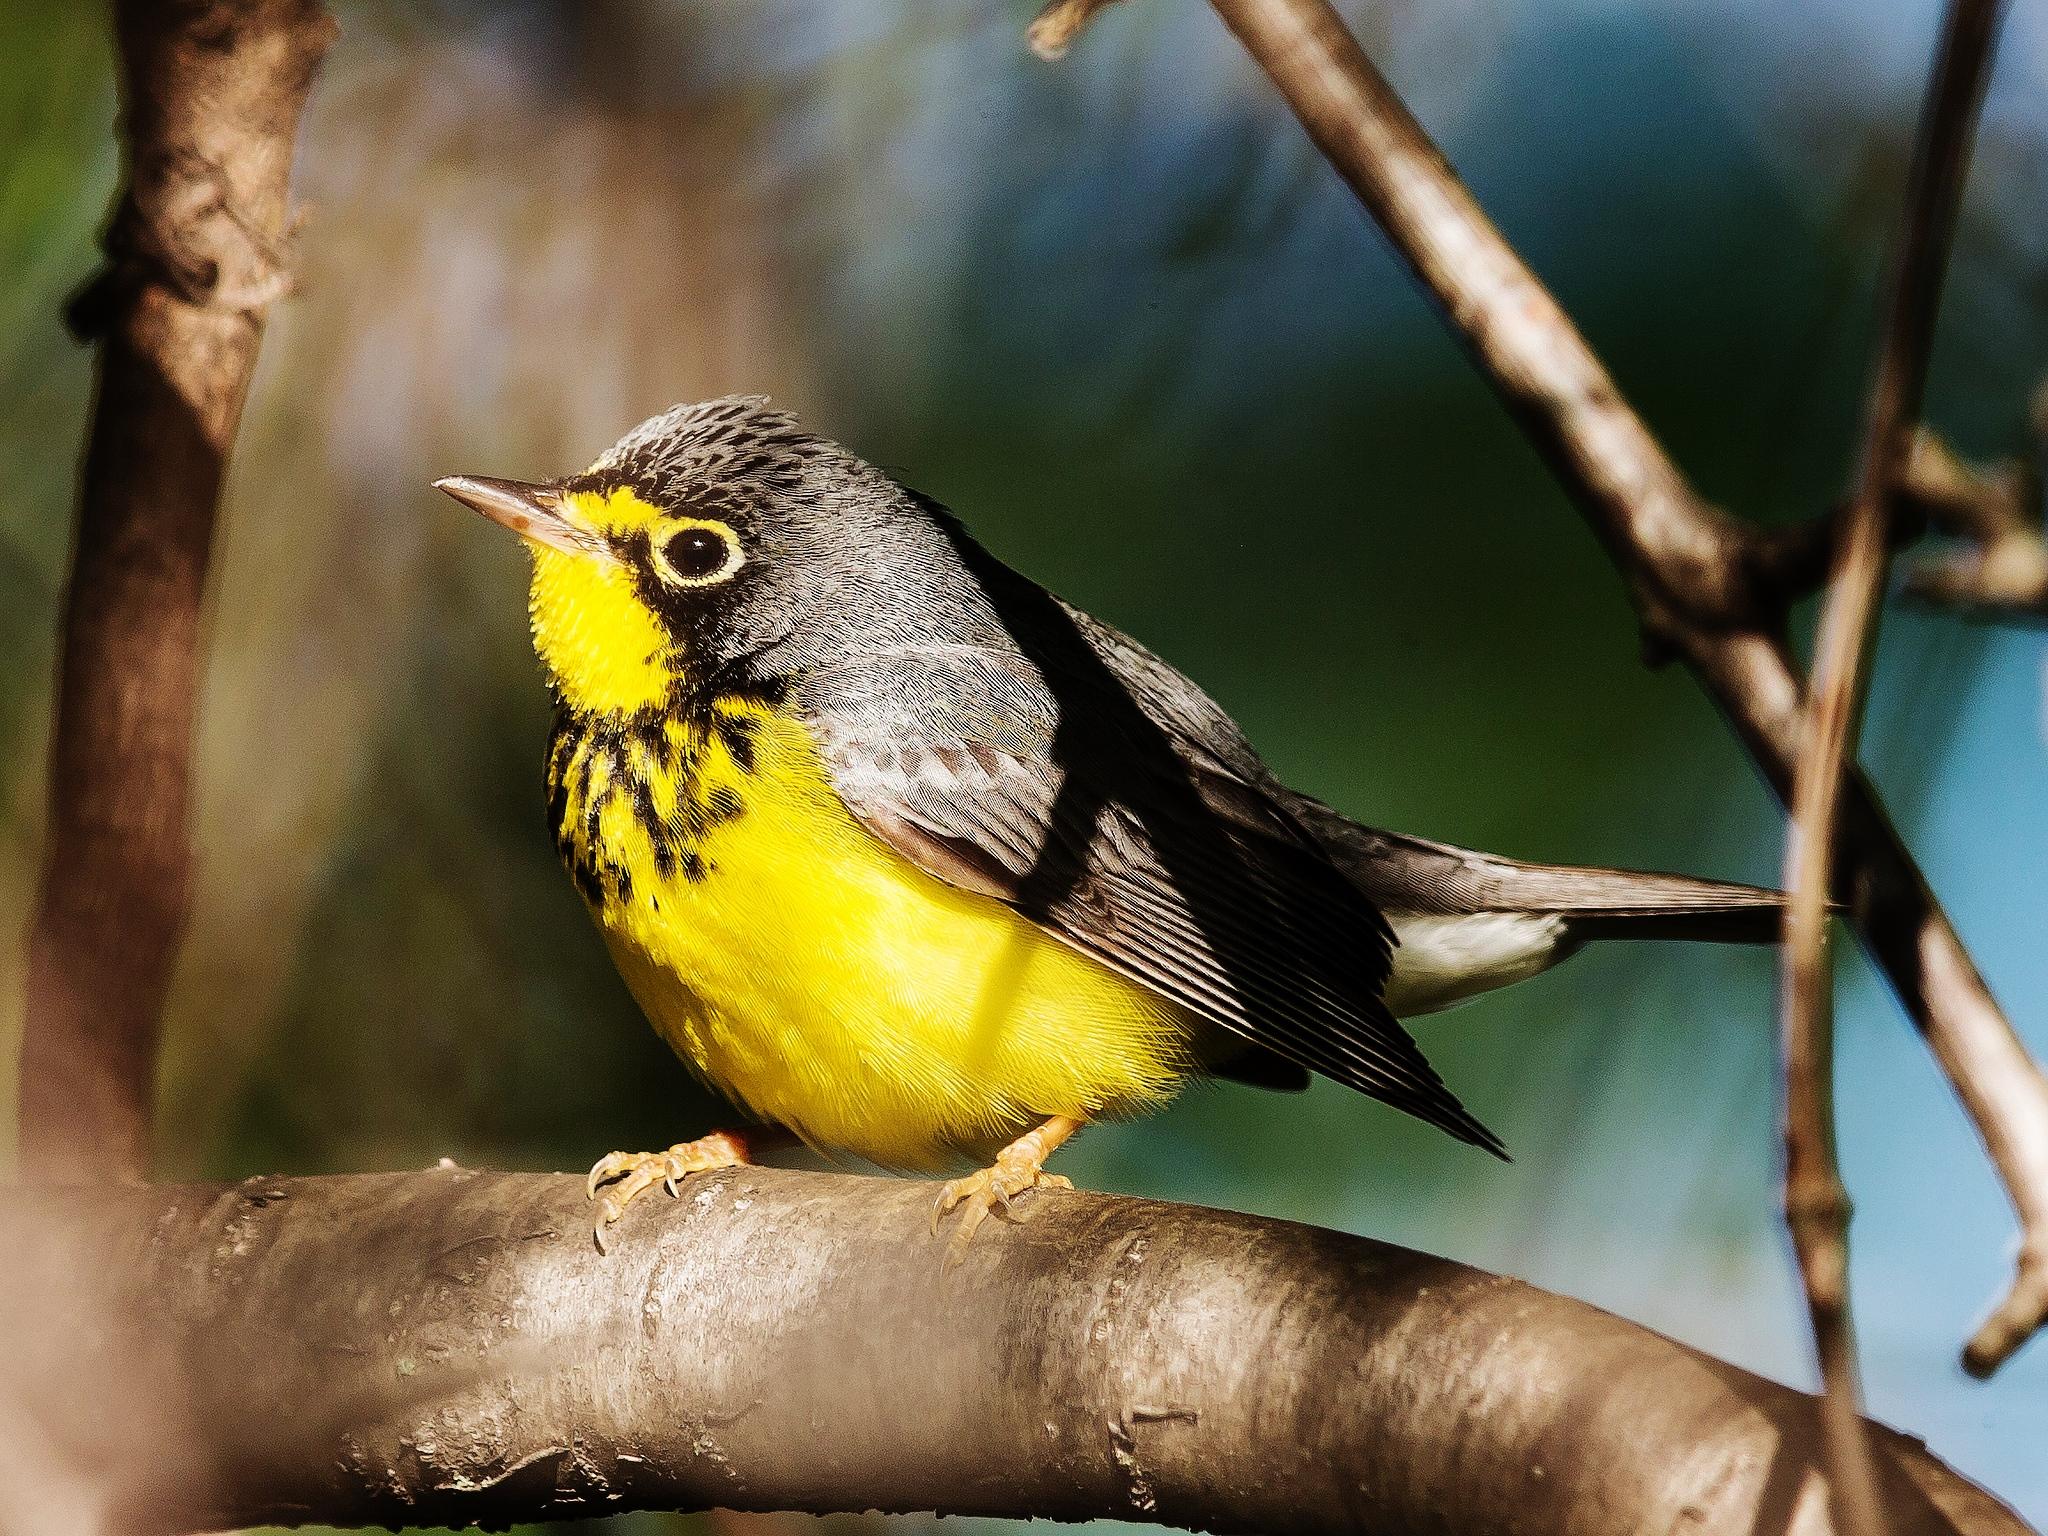 Caption: Parula warbler, Credit: John Benson on Flickr